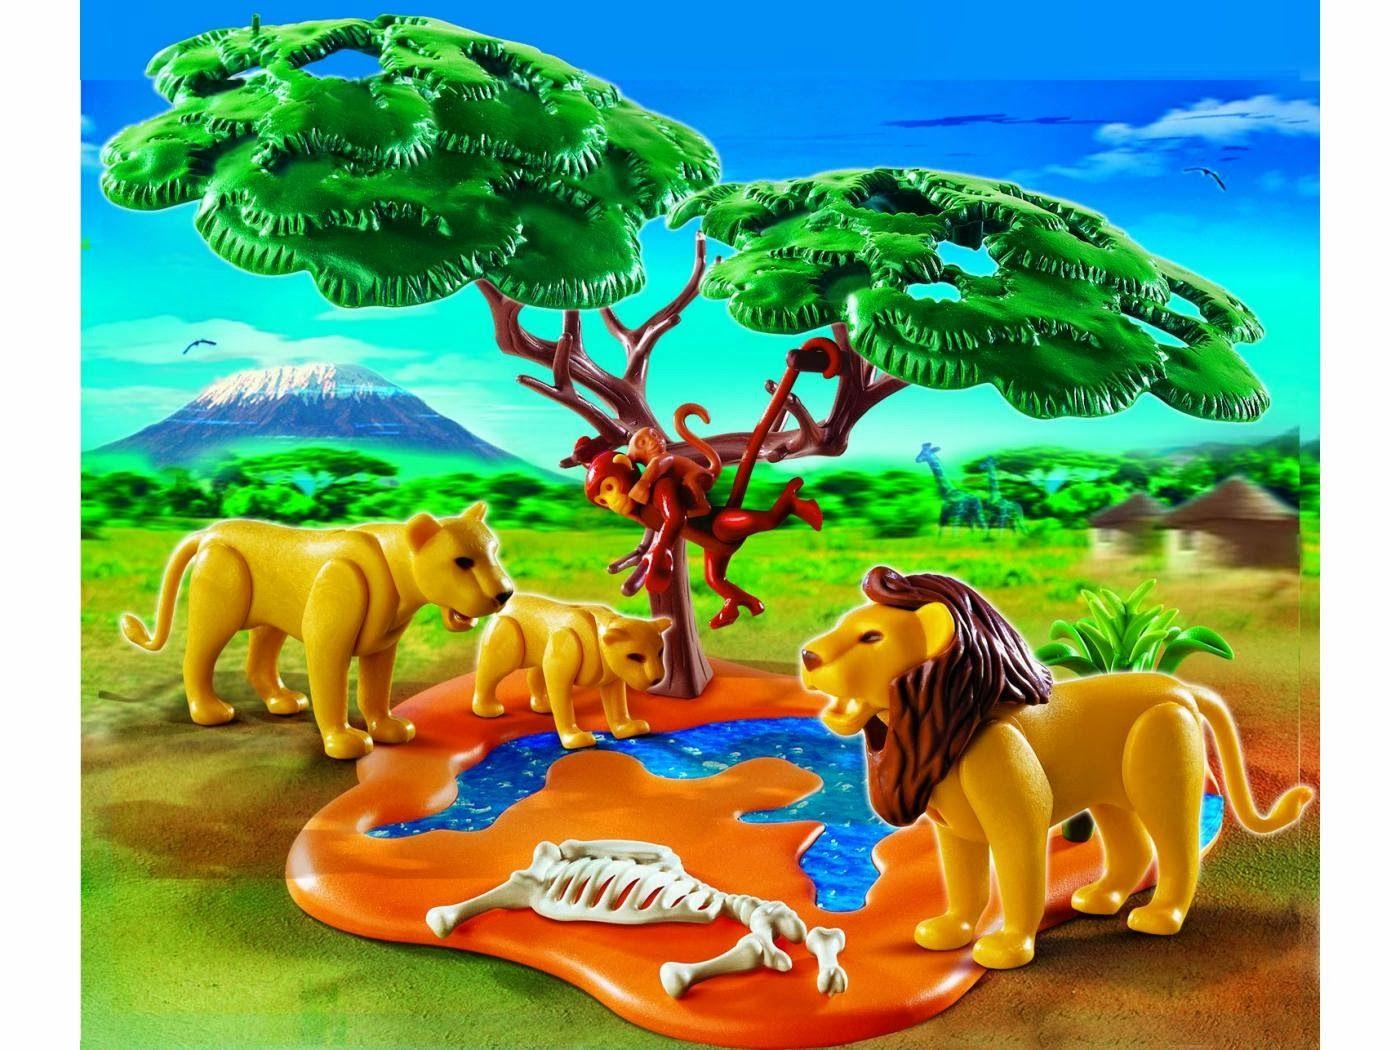 лего в картинках король лев воду ровный, глубина